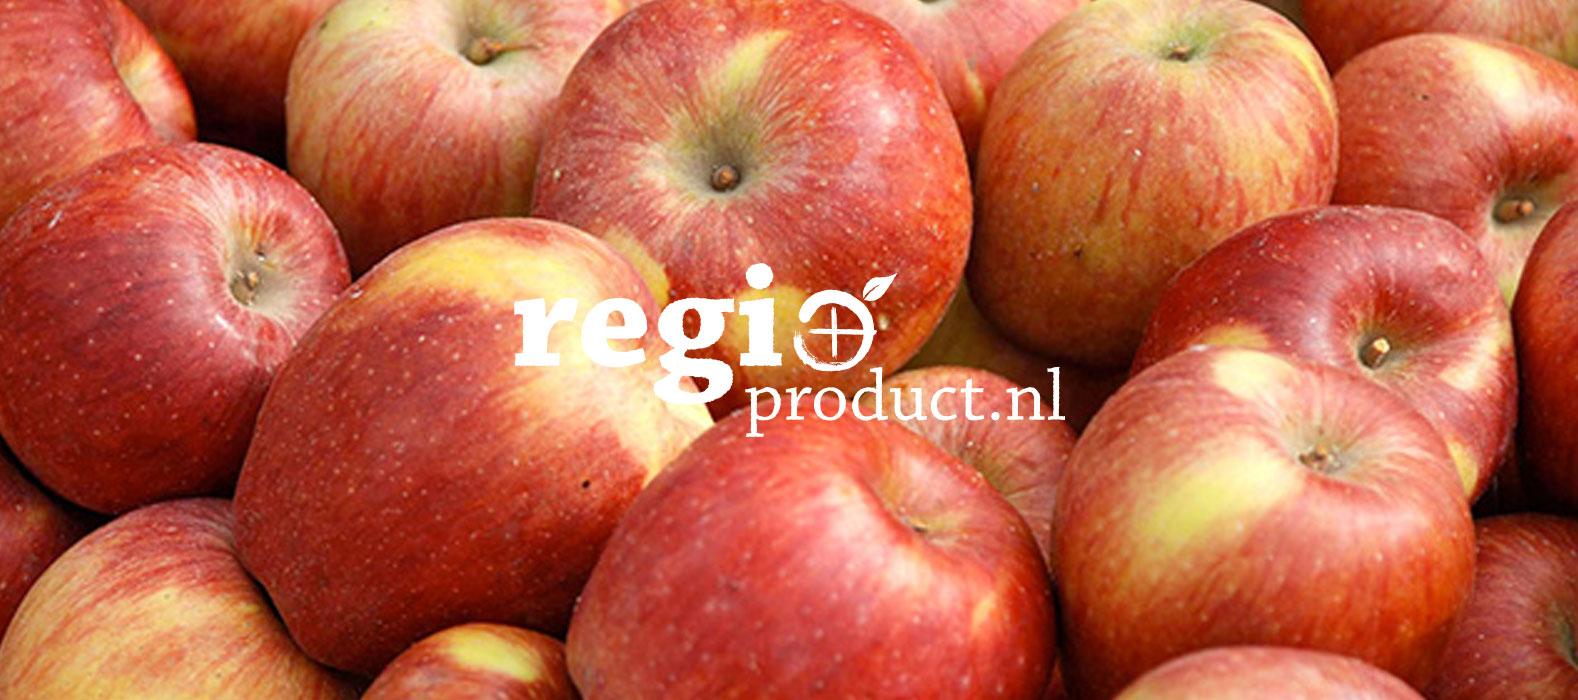 Een fraai plaatje bij Regioproduct